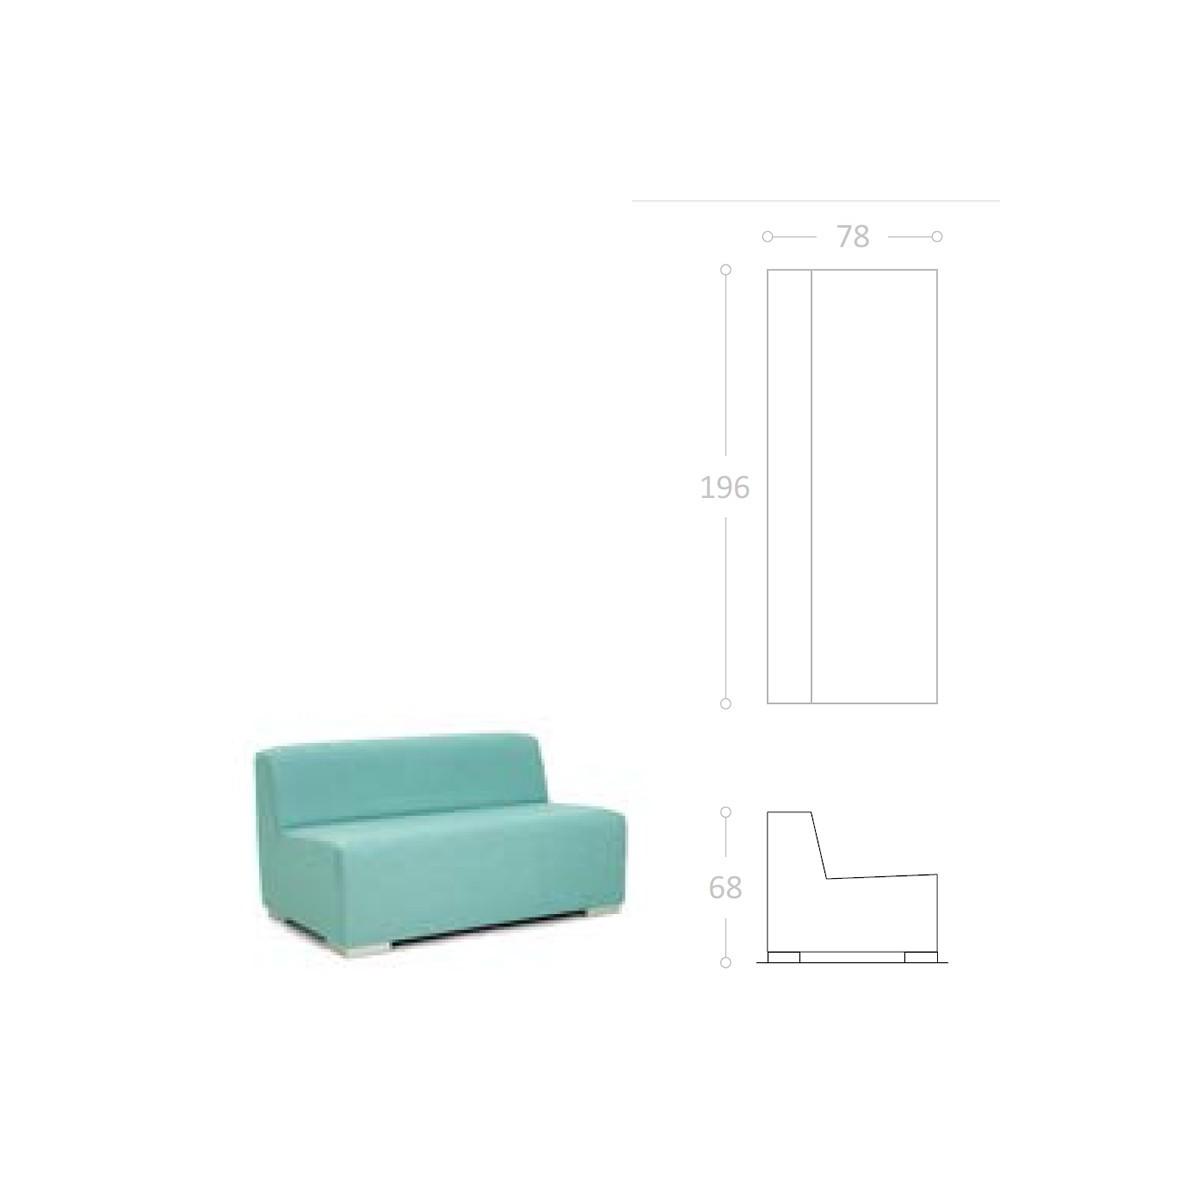 Sofa para terraza de bar ibiza impermeable for Sofa tela nautica